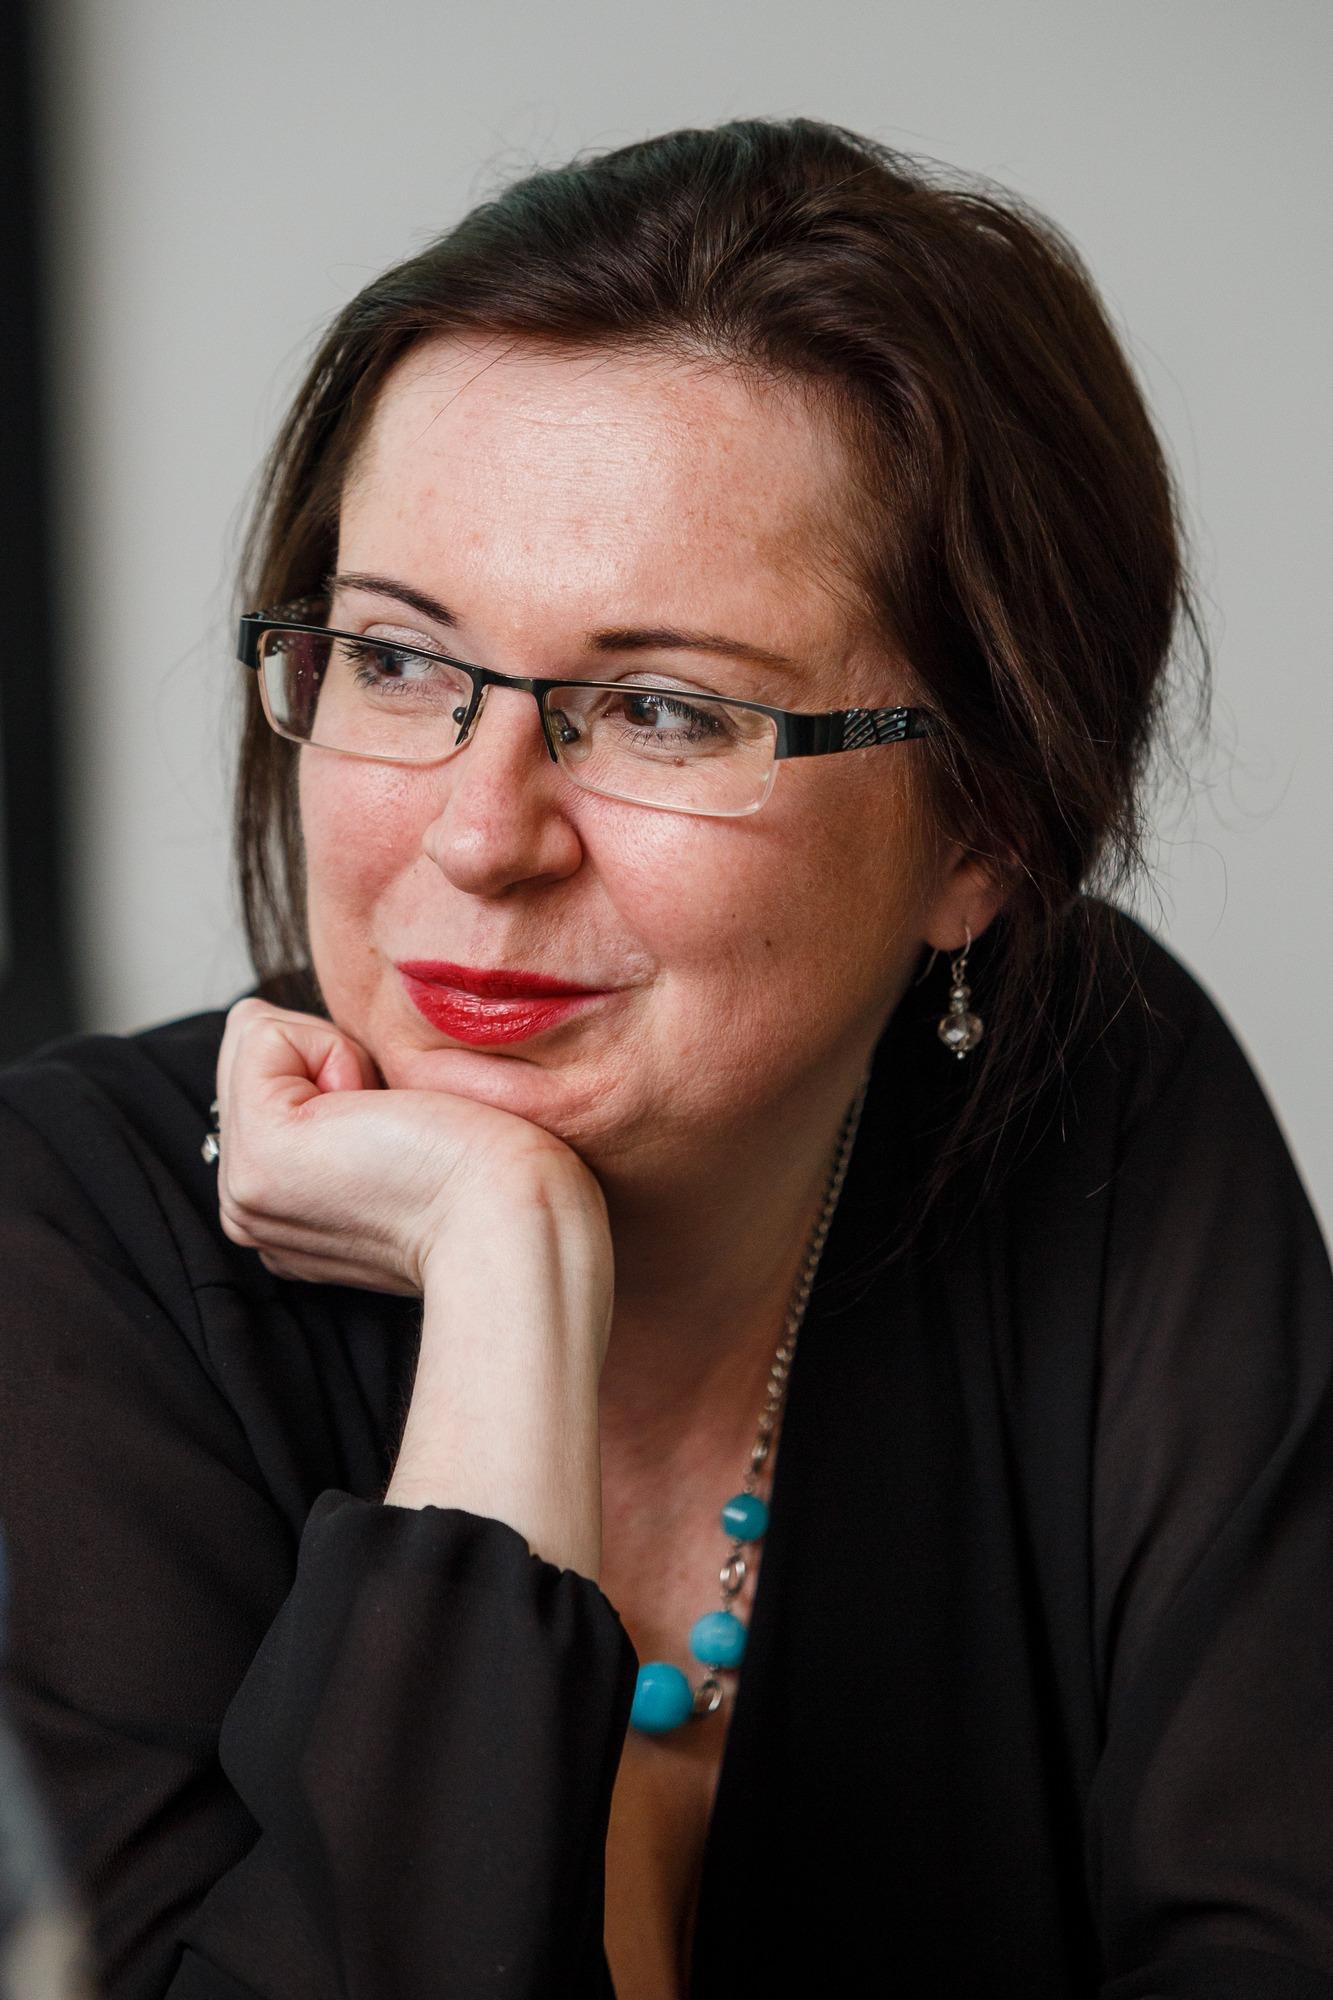 Marta Podgórnik, fot. Maciej Jarzębiński (źródło: materiały prasowe organizatora)